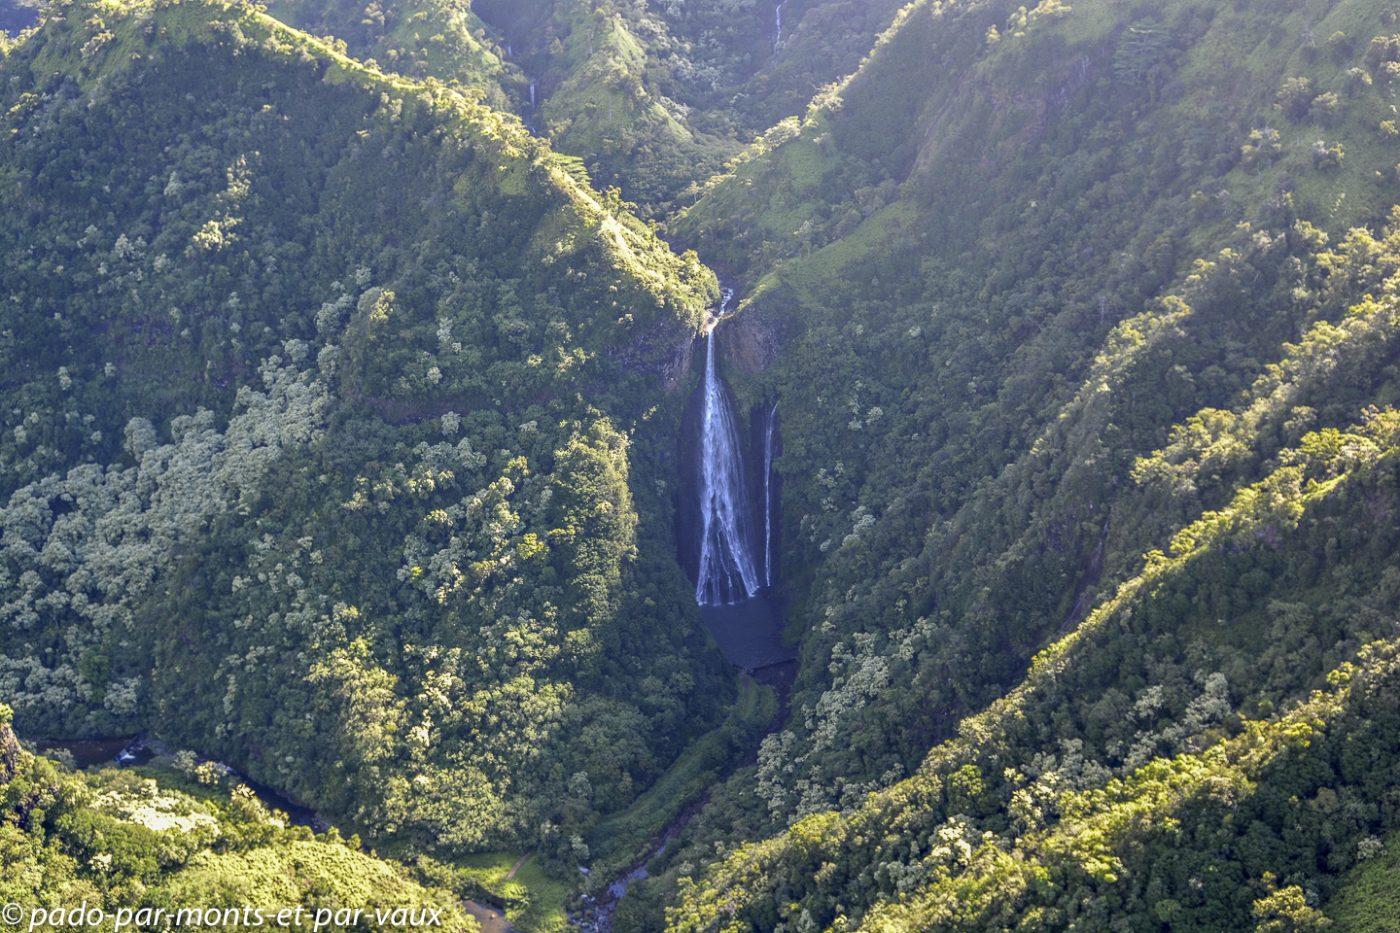 Kauai - survol de l'île - Jurassic falls